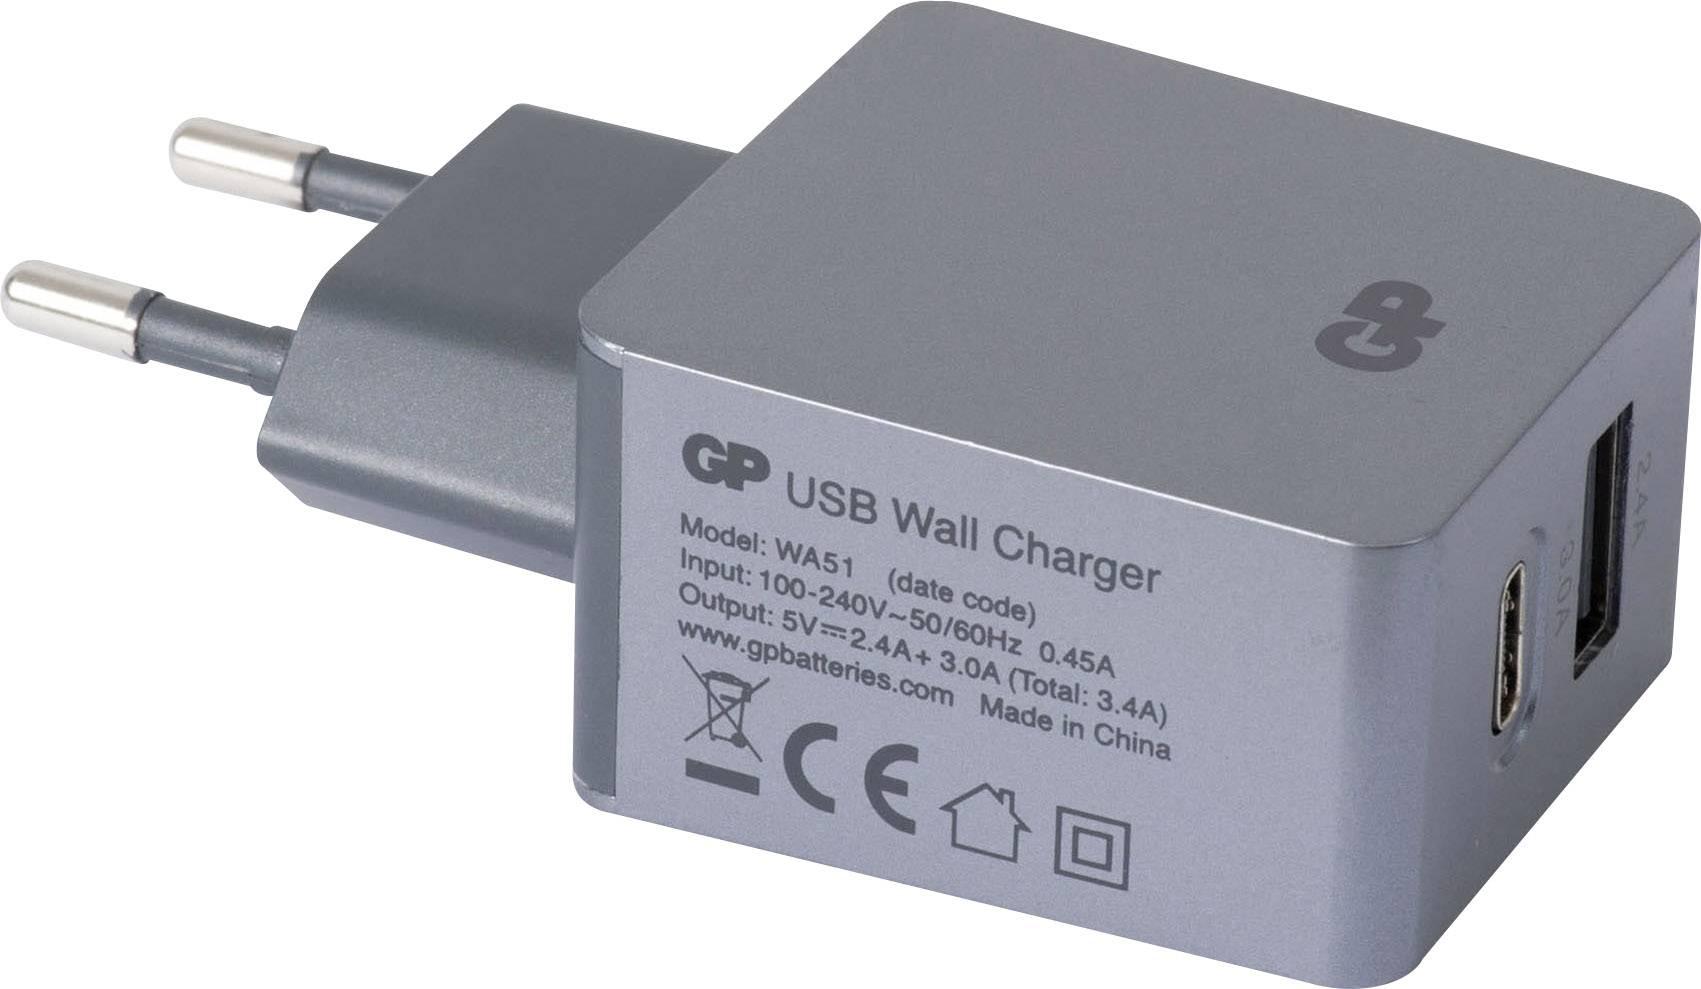 GP Batteries WA51 150GPWA51C1 USB laddare Vägguttag Utgångsström max. 5400 mA 2 x USB, USB C hona